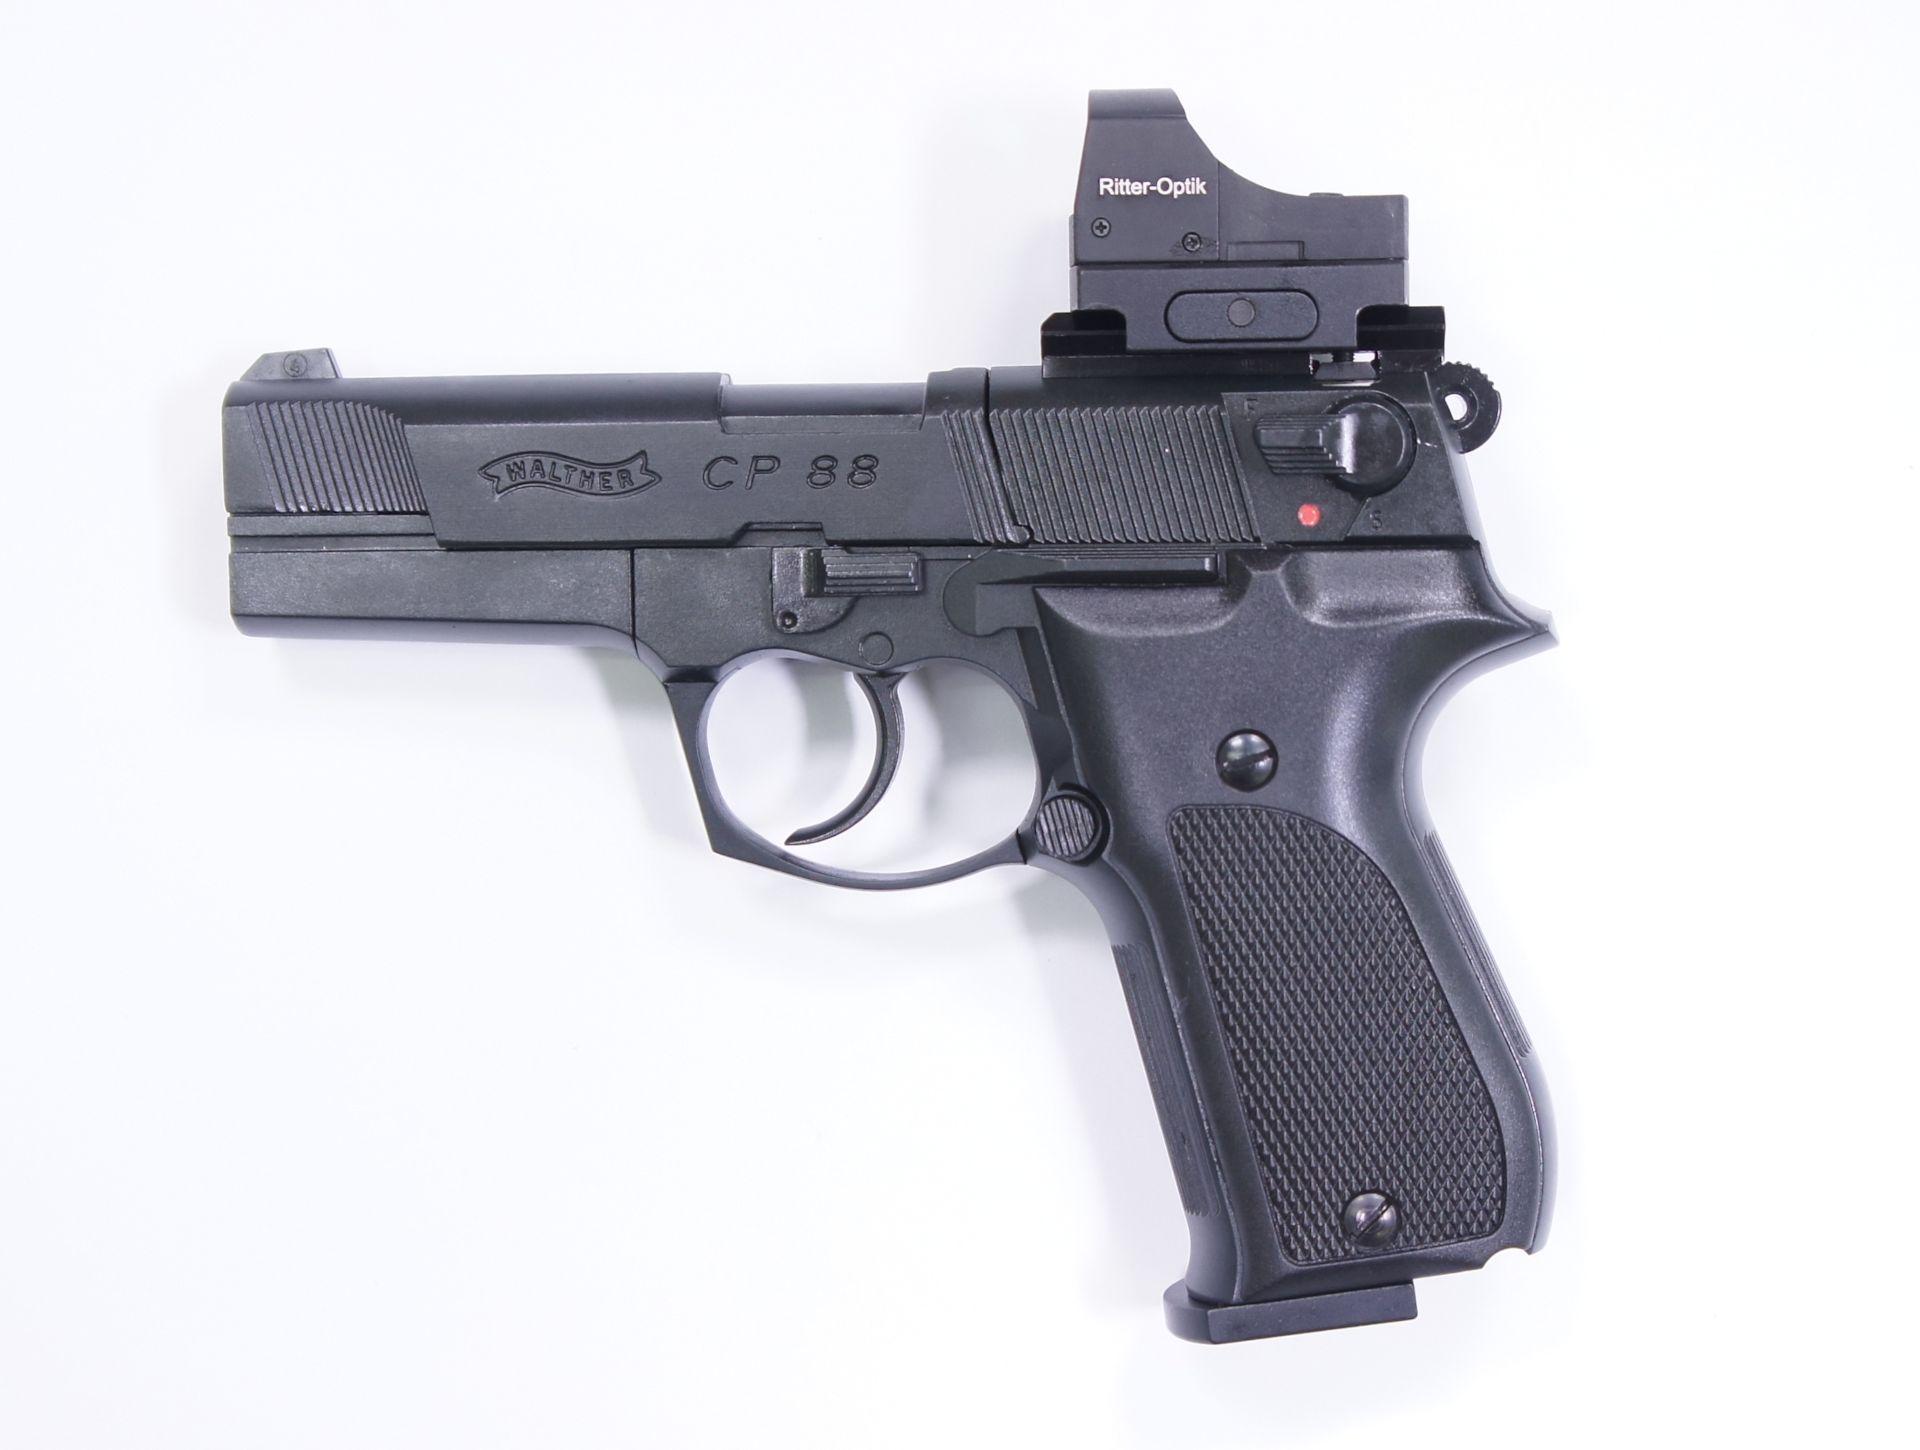 Montagebeispiel auf  <a href=1050061.htm> CO2 Pistole Walther CP88 schwarz, 4 Zoll</a>  mit <a href=1130222-21.htm> Reflexvisier 1x22 Sight III  </a>